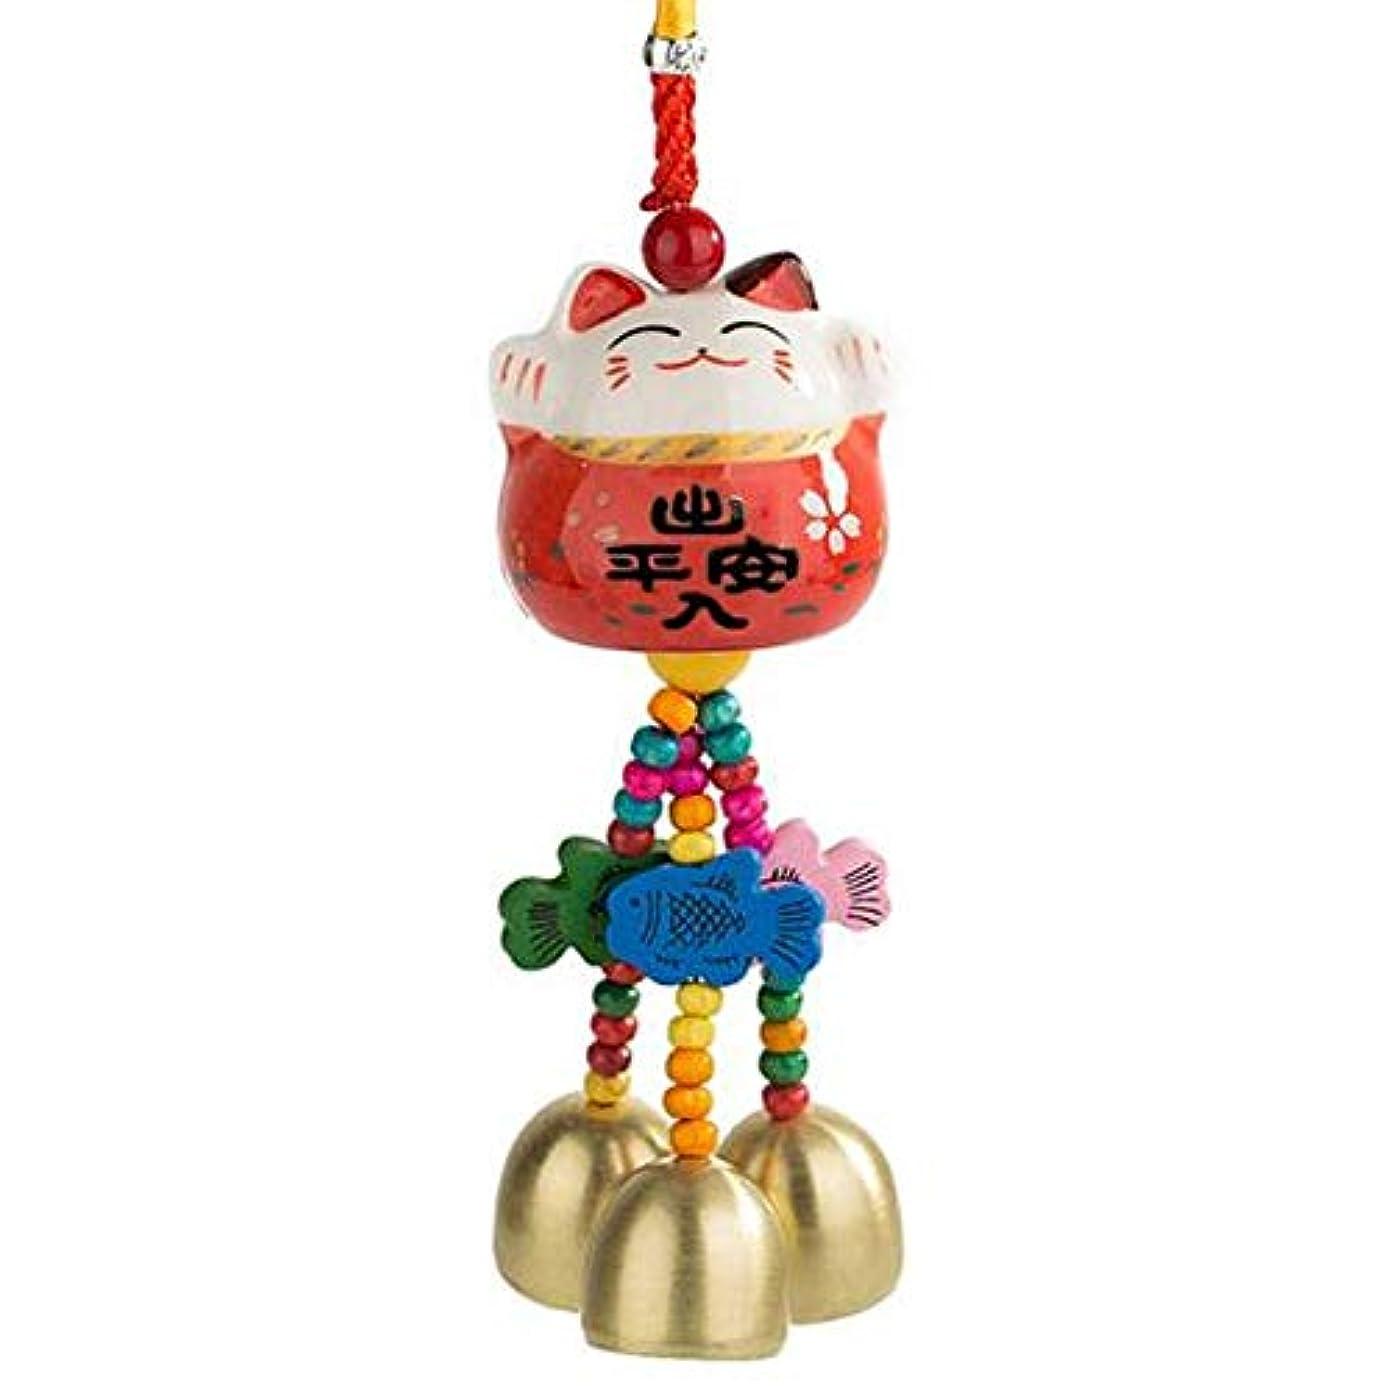 予想する品実験的Qiyuezhuangshi 風チャイム、かわいいクリエイティブセラミック猫風の鐘、ブルー、ロング28センチメートル,美しいホリデーギフト (Color : Red)